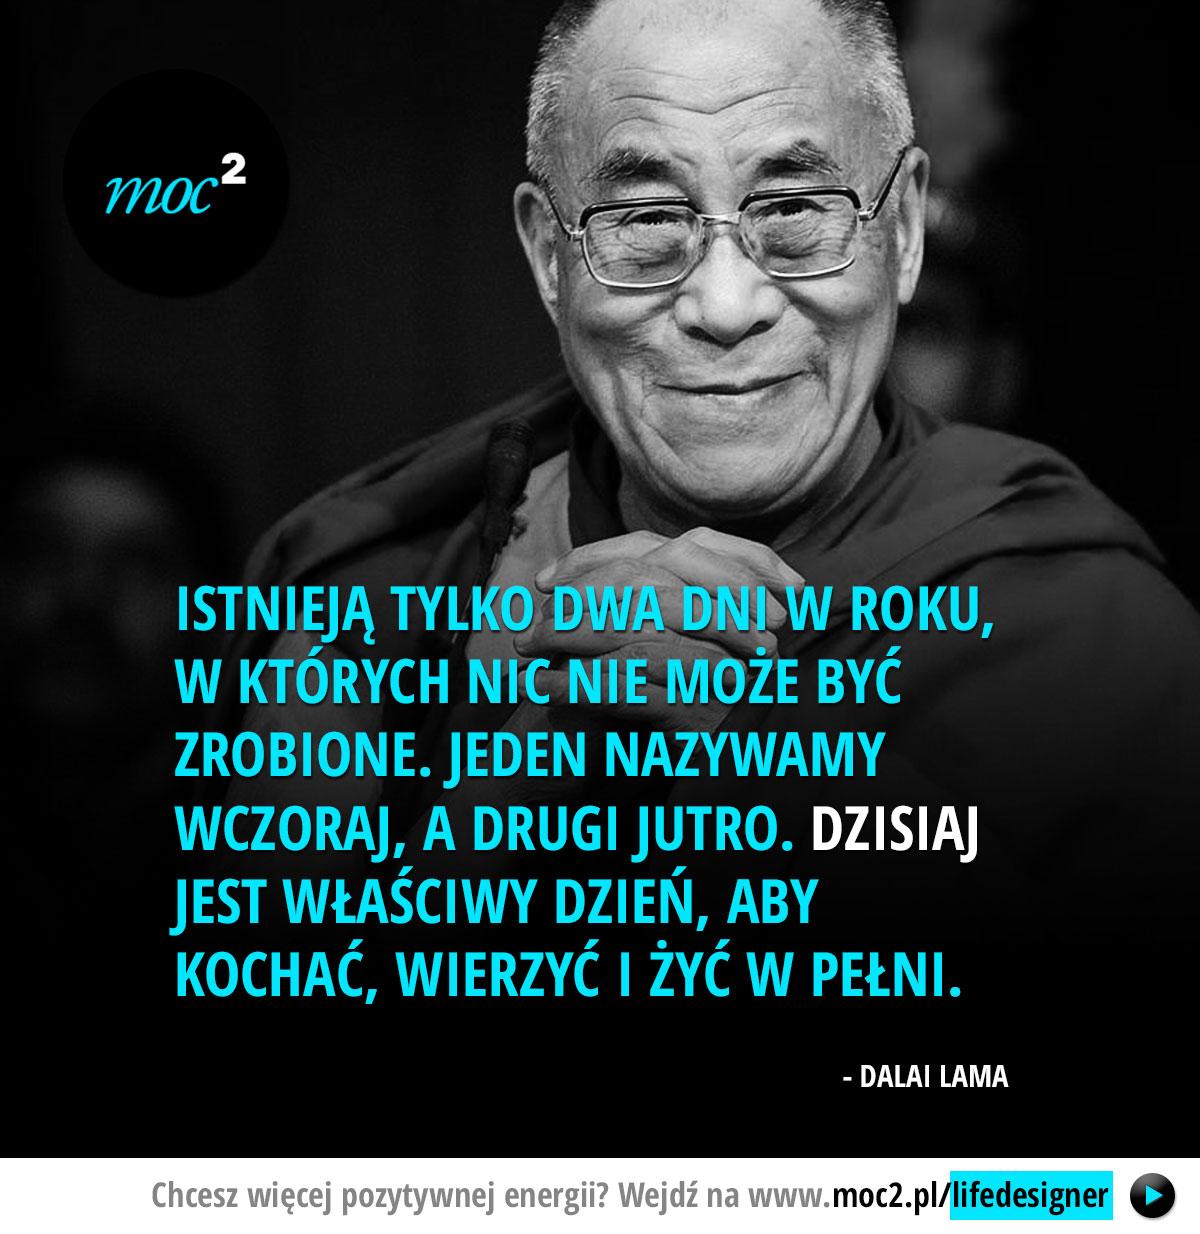 131103-Dalai-Lama